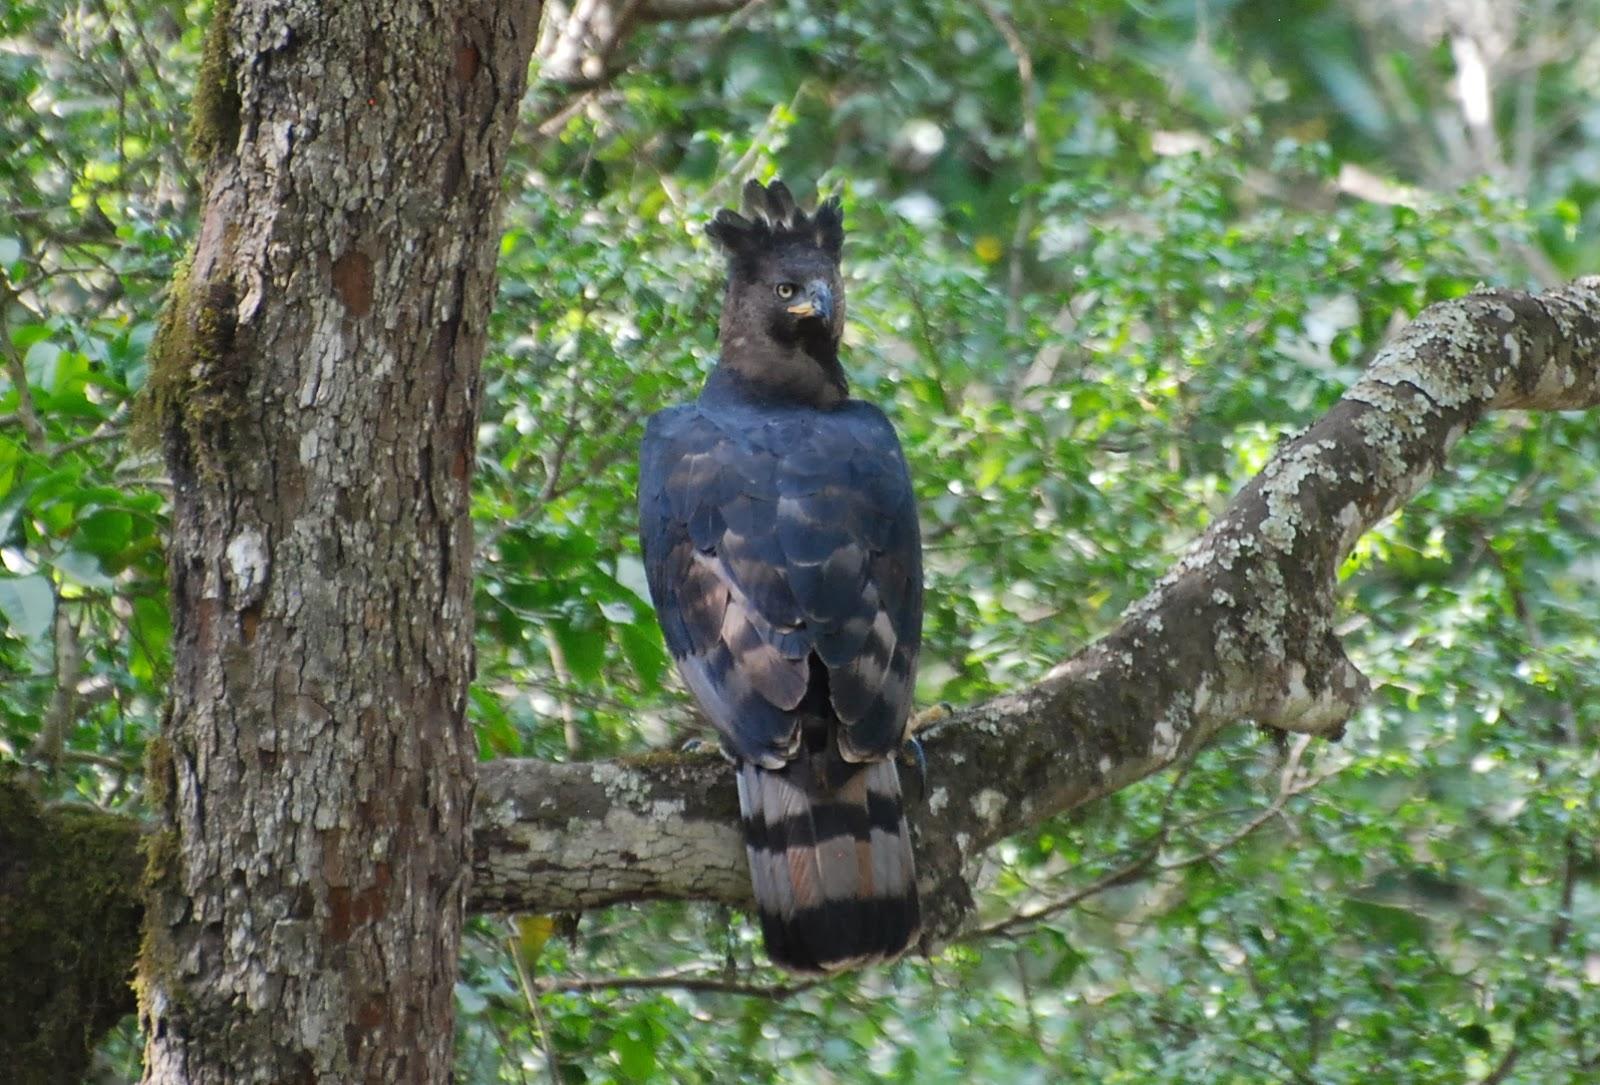 Harpy eagle hunting monkey - photo#42